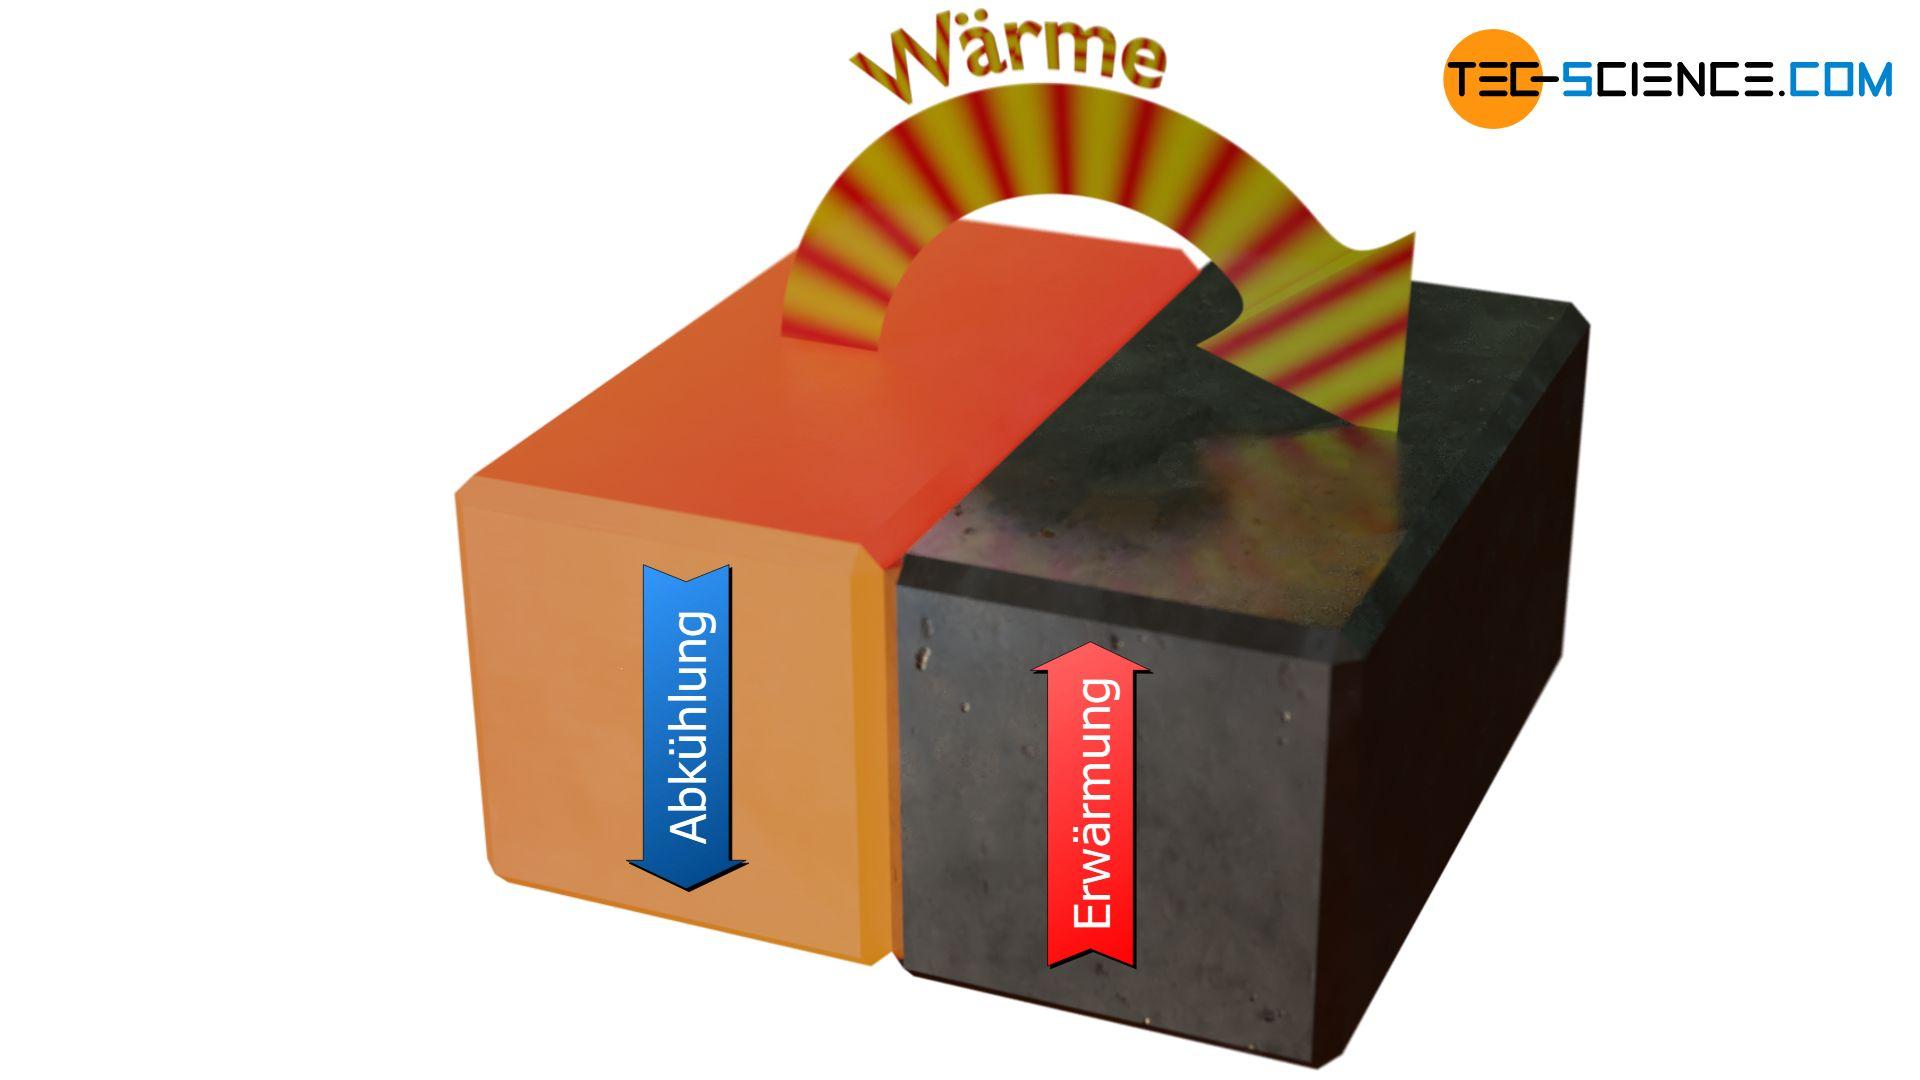 Wärmeübertragung von einem heißen Gegenstand auf einen kühleren